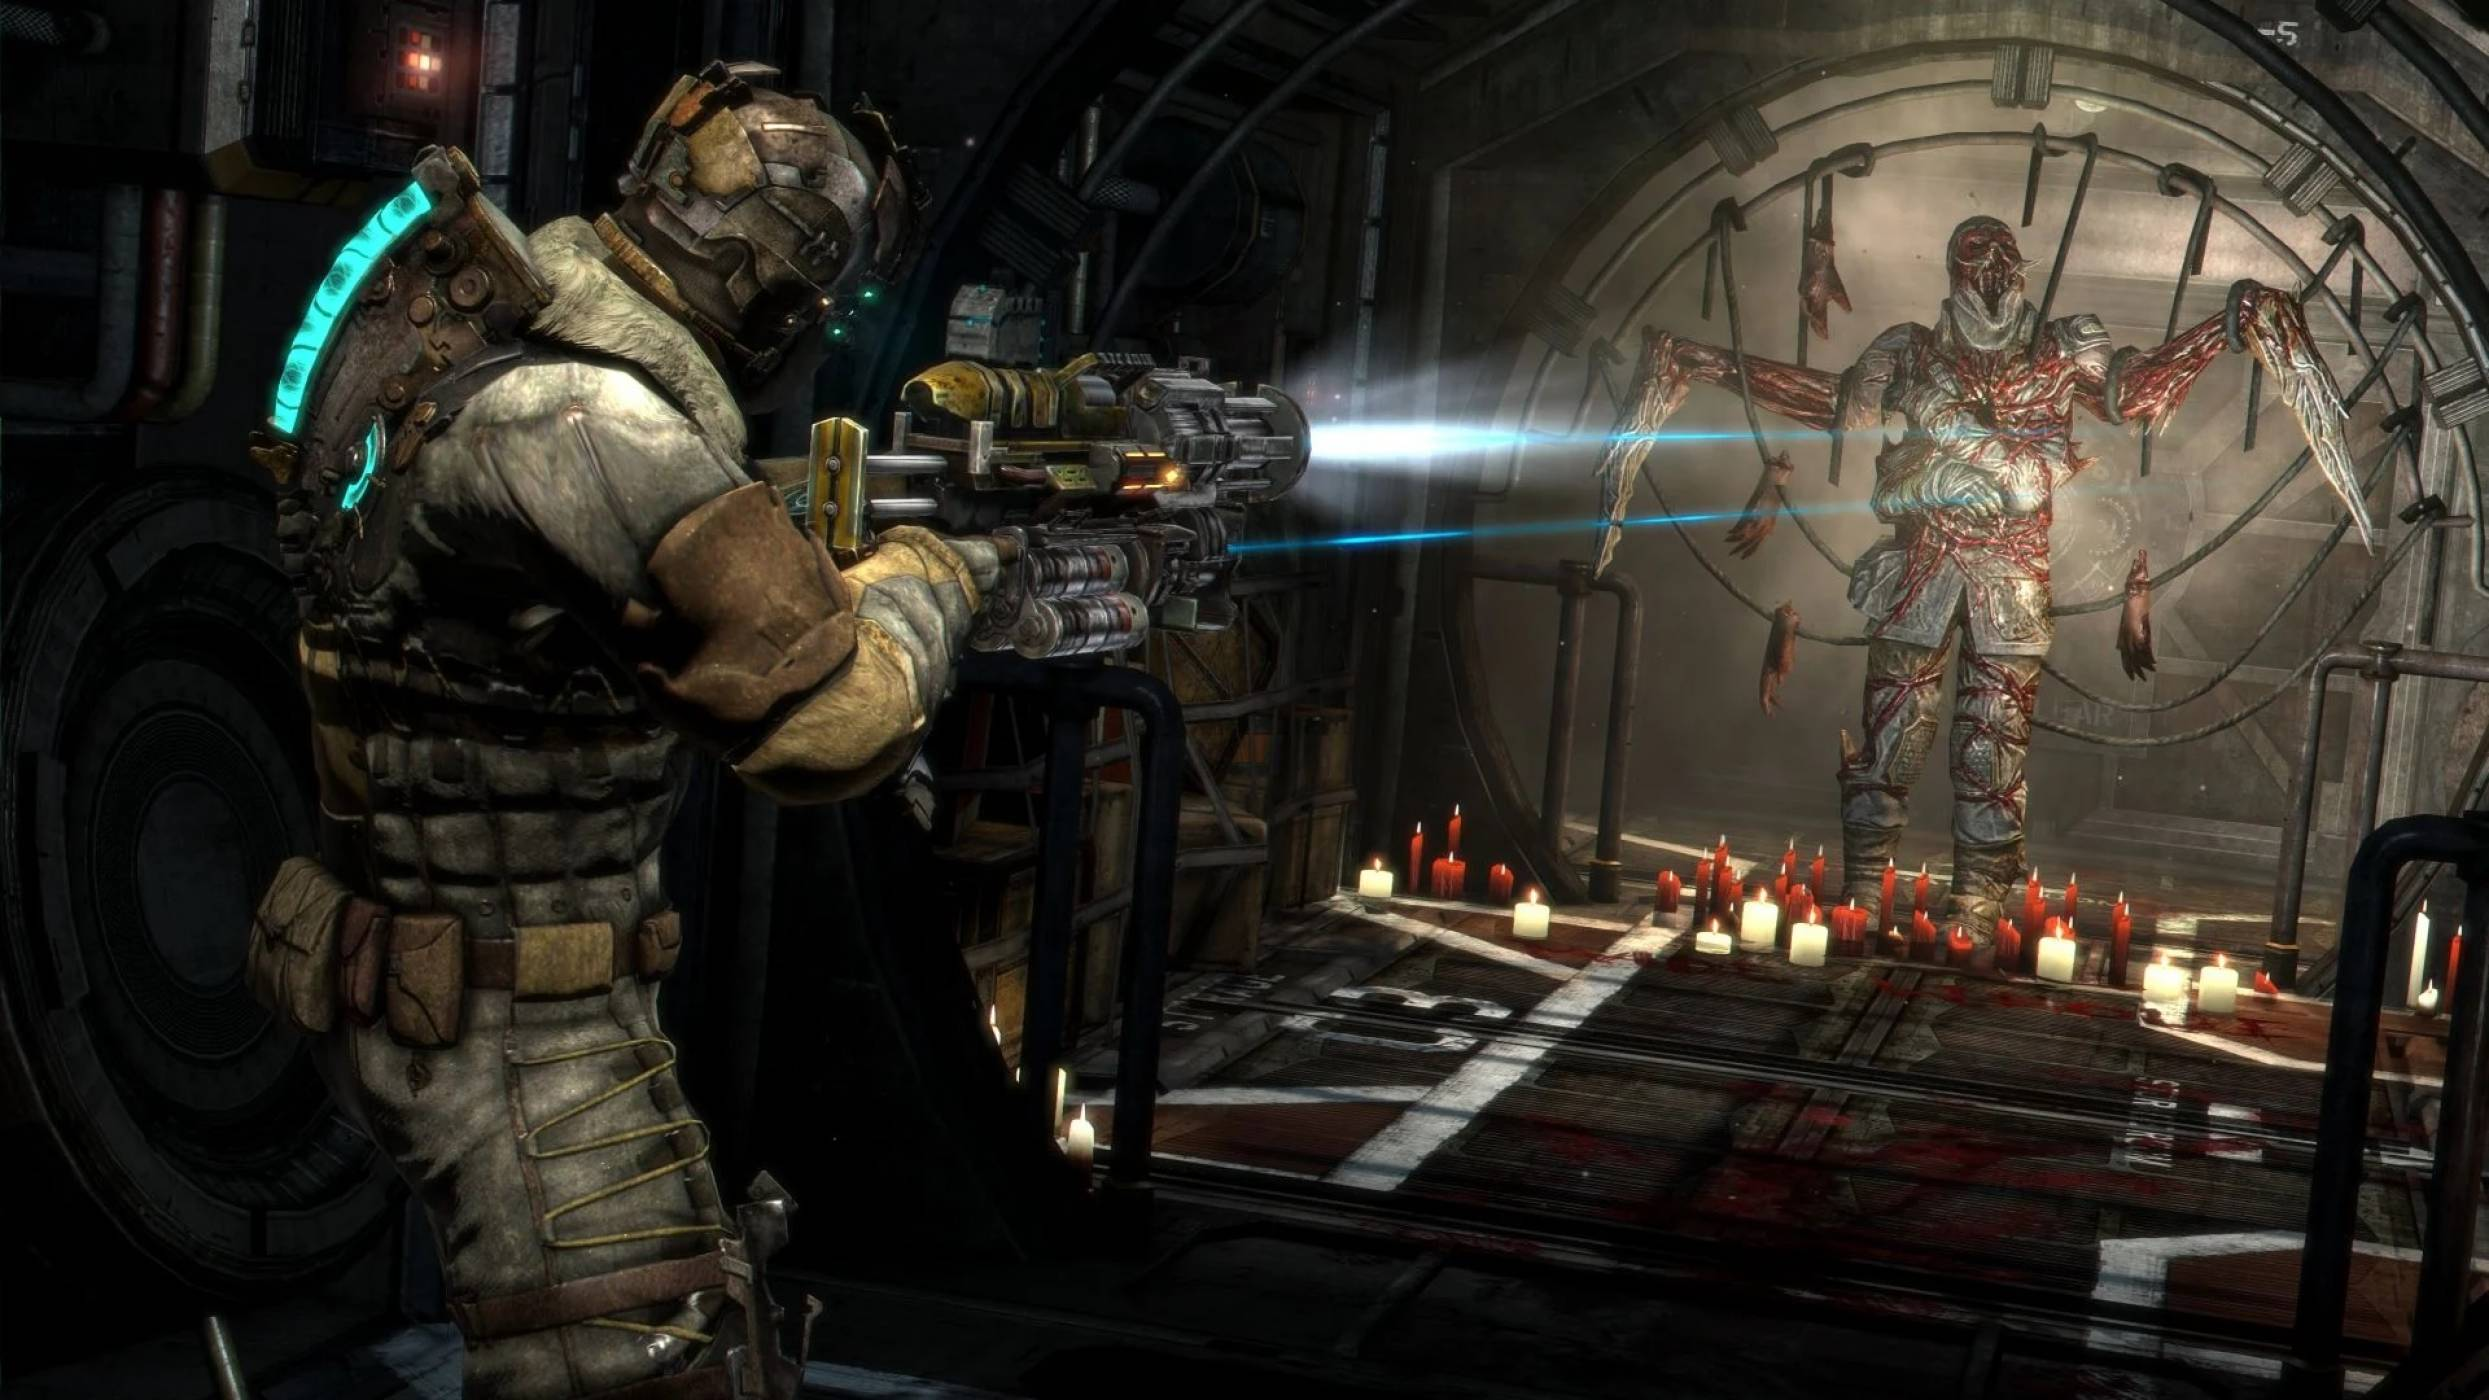 Нова Dead Space игра ще бъде идеален подарък за феновете на поредицата и хорър жанра